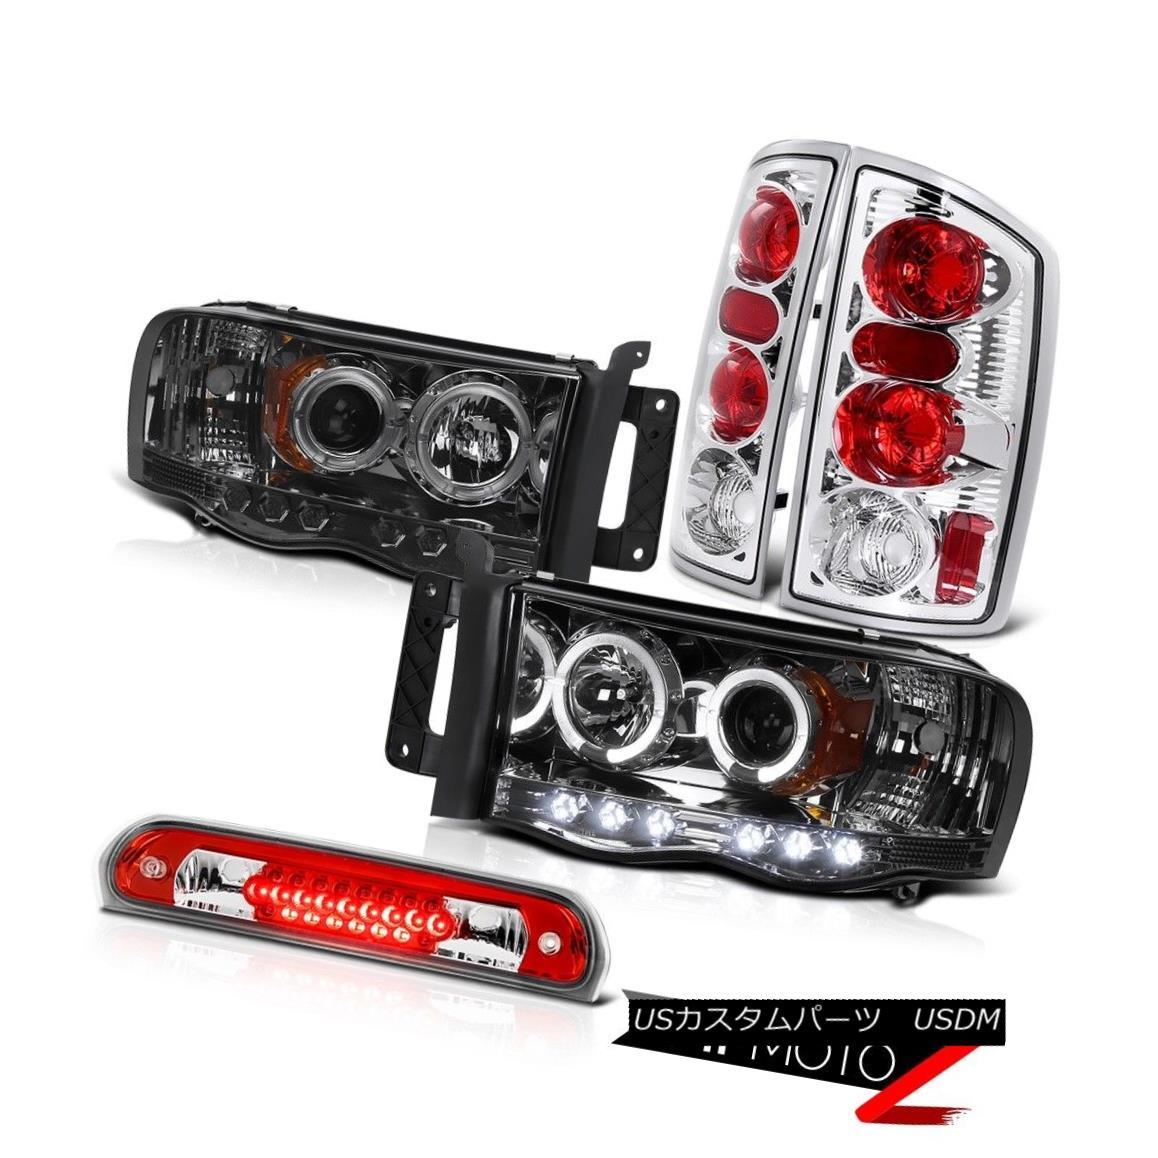 テールライト Smoke Halo Projector Headlights Euro Taillamps Roof Brake LED 02 03 04 05 Ram V8 スモークハロープロジェクターヘッドライトユーロタイルランプルーフブレーキLED 02 03 04 05 Ram V8